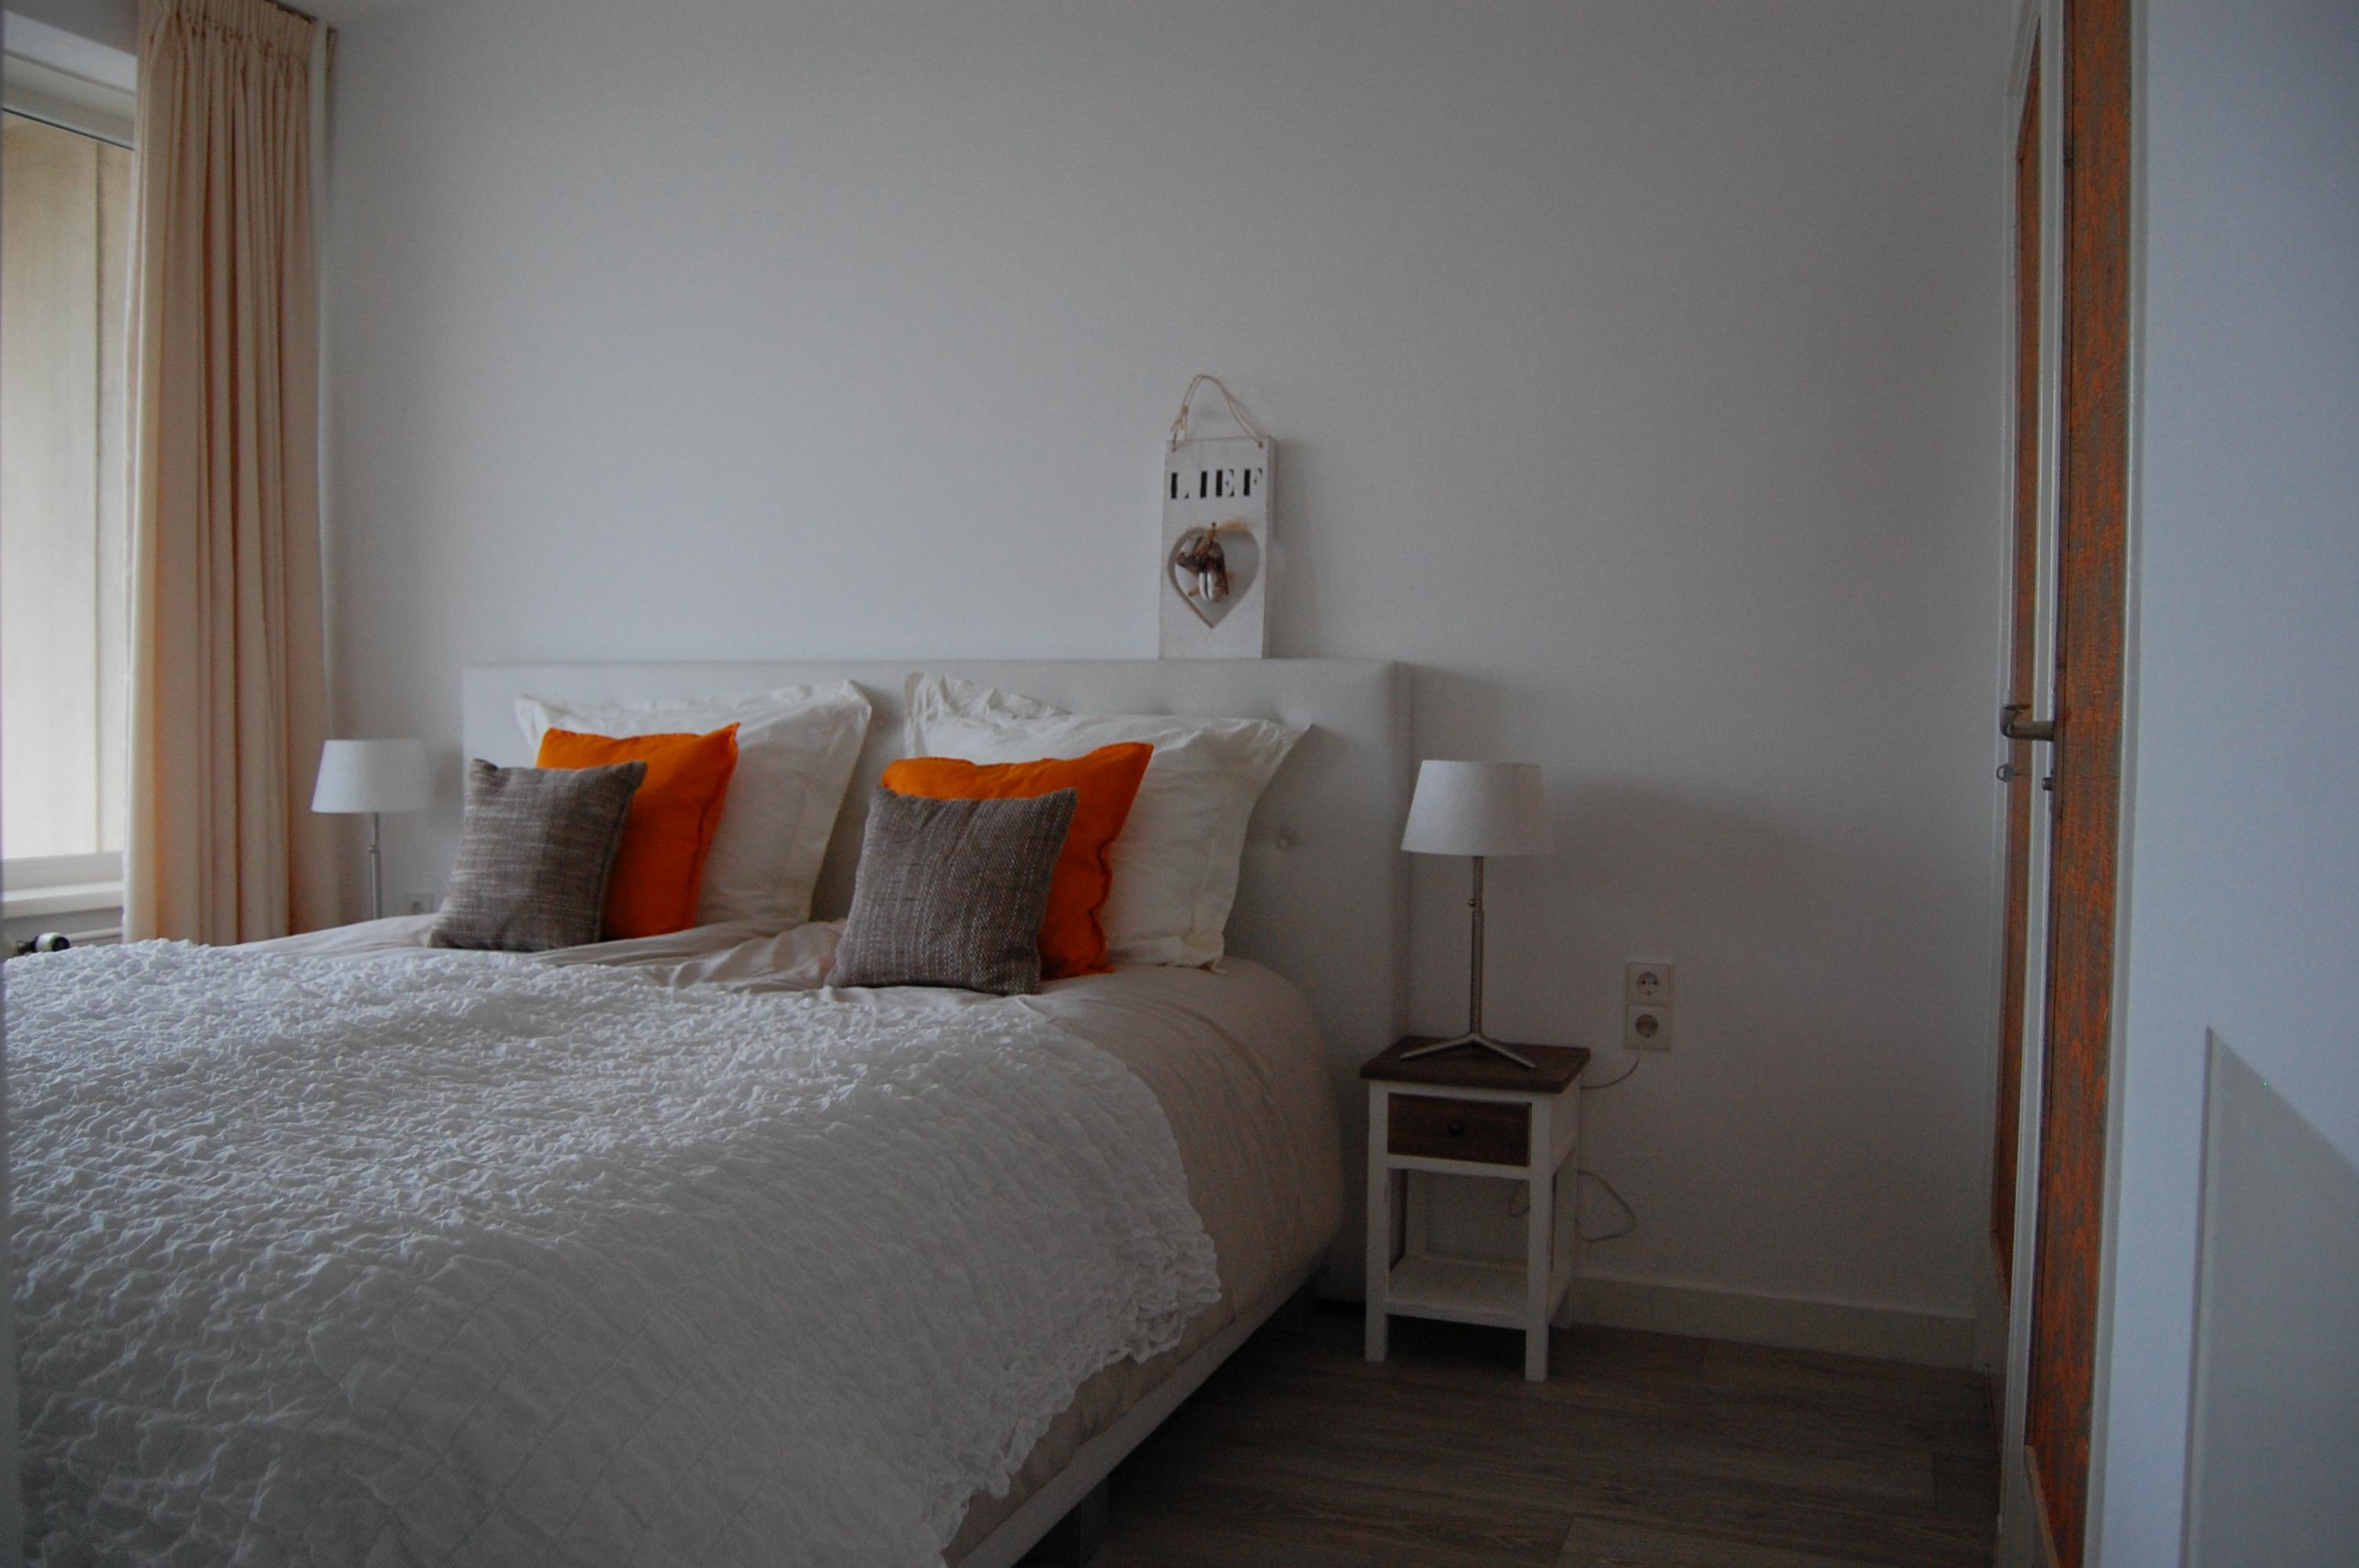 Slaapkamer Ideeen Strand : Slaapkamer ideeen strand: inspiratie witte boho slaapkamer moderne